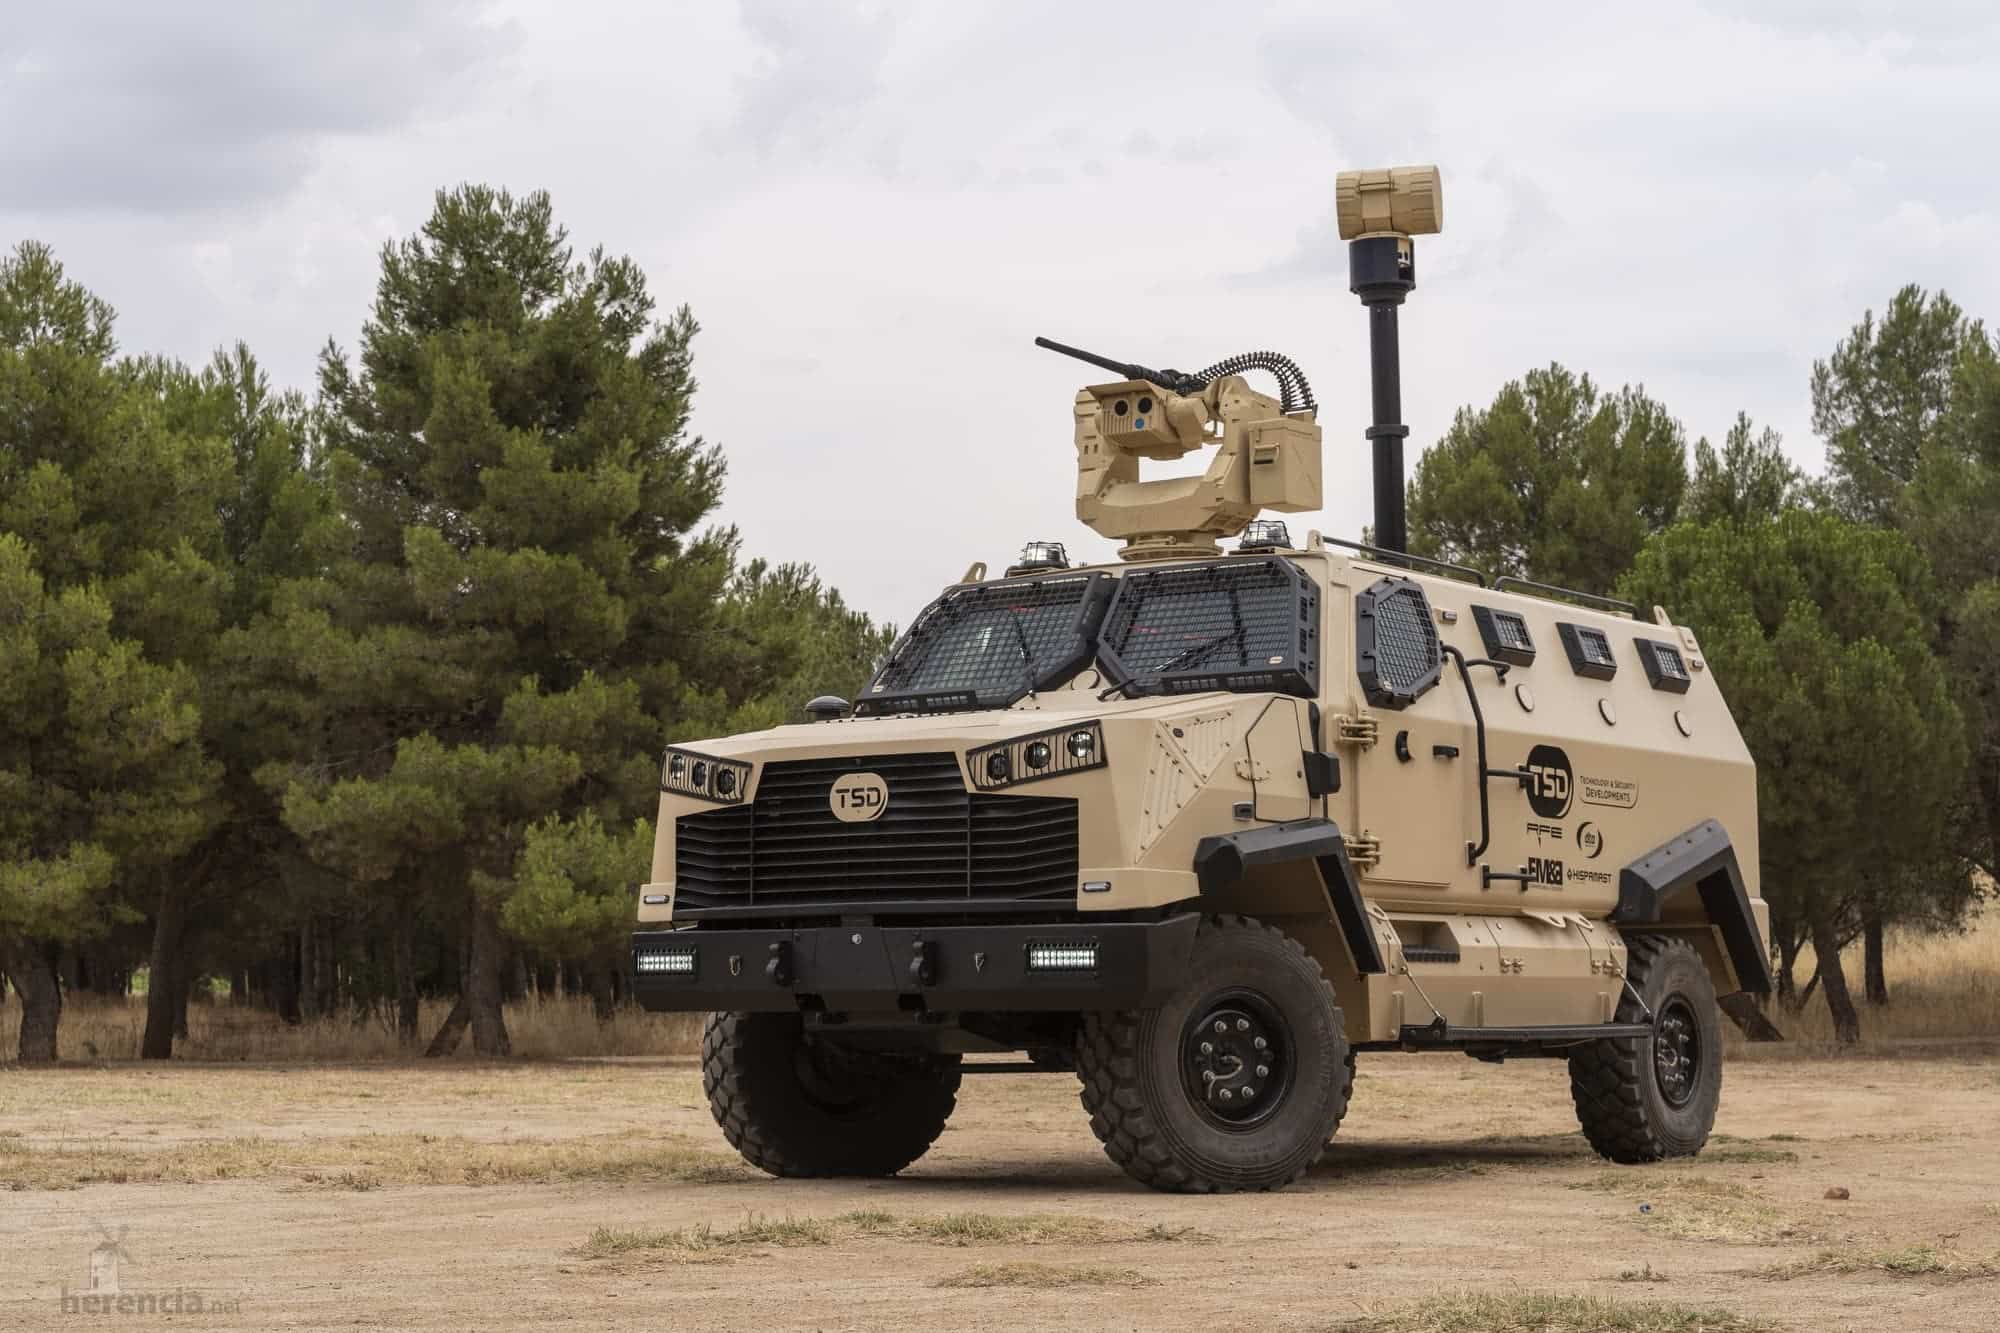 TSD presenta IBERO, un vehículo táctico multipropósito, con adaptabilidad y versatilidad 31